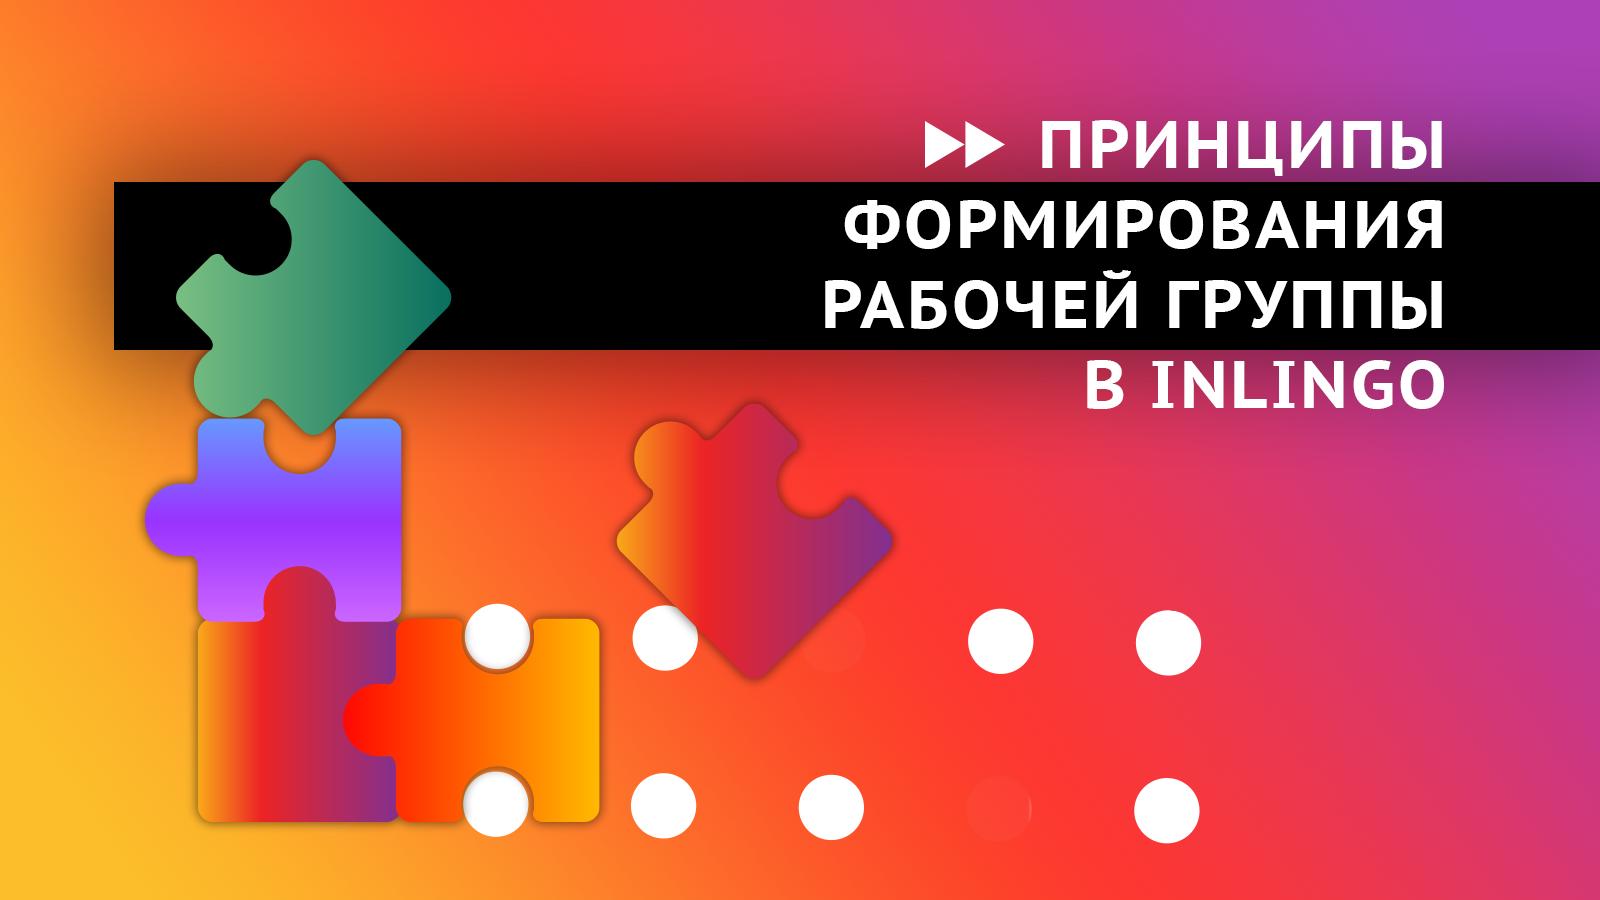 work_group_ru